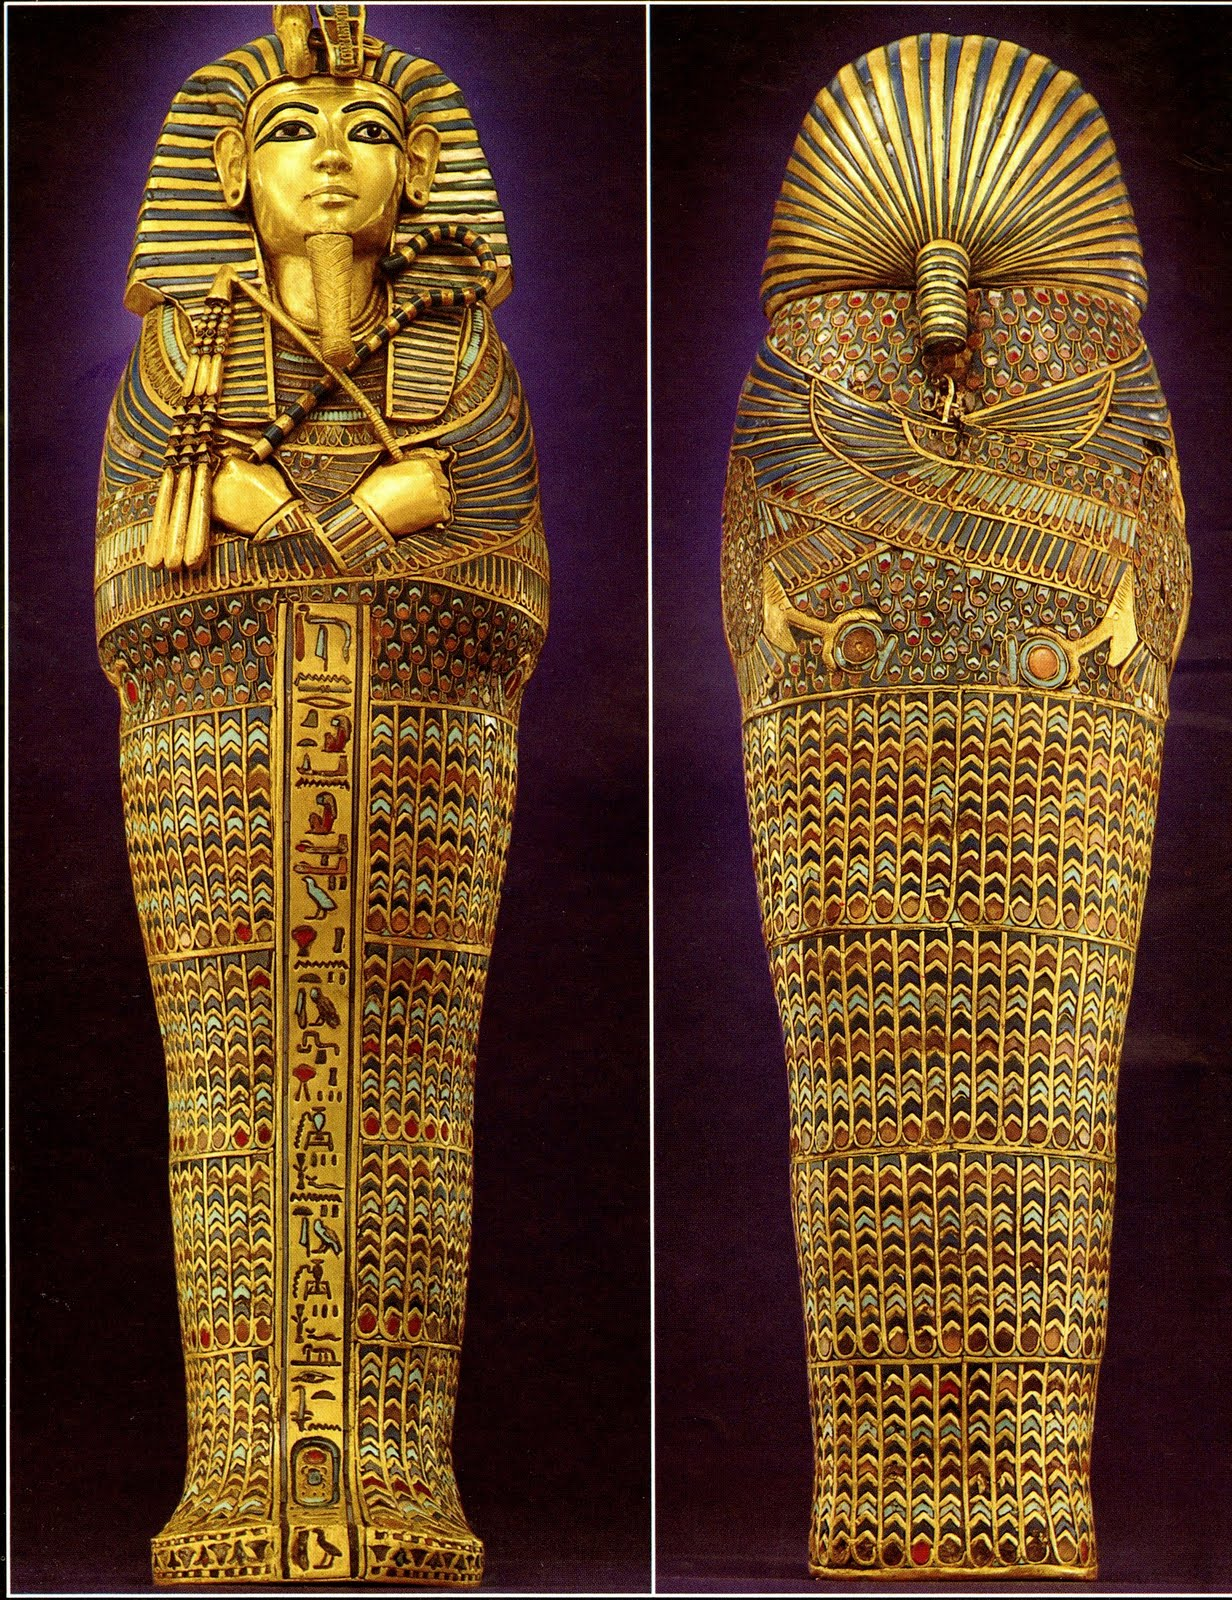 egypt mummies tombs - photo #14